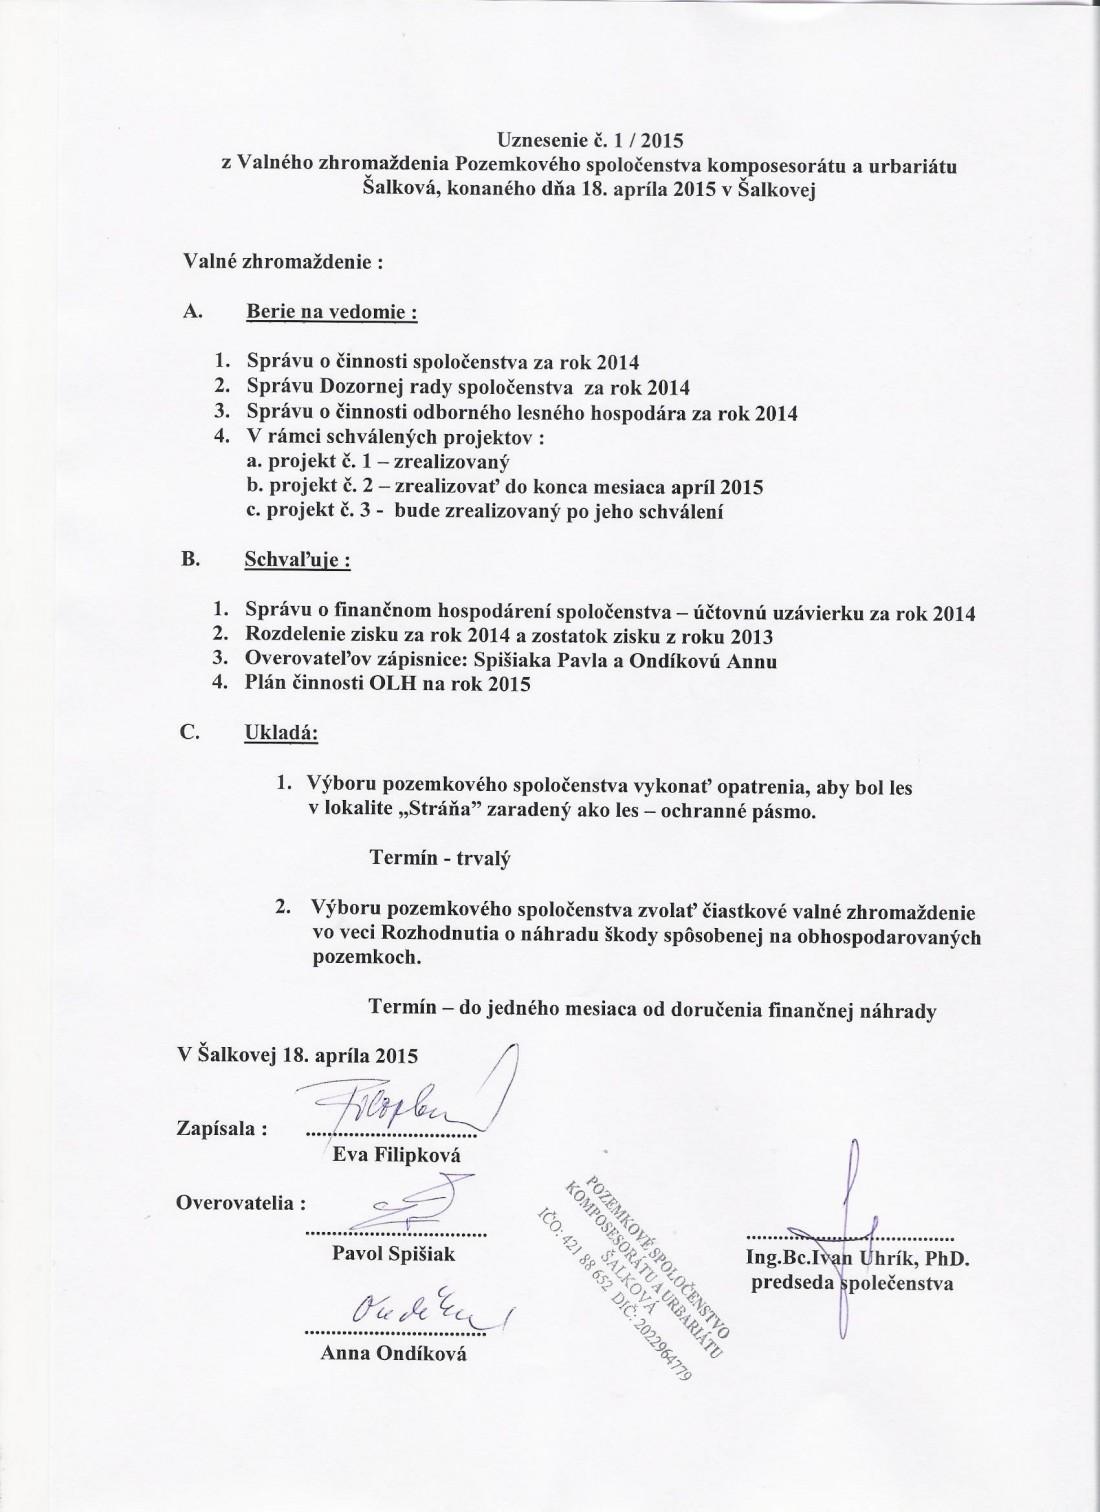 Uznesenie z Valného zhromaždenia 18.4.2015